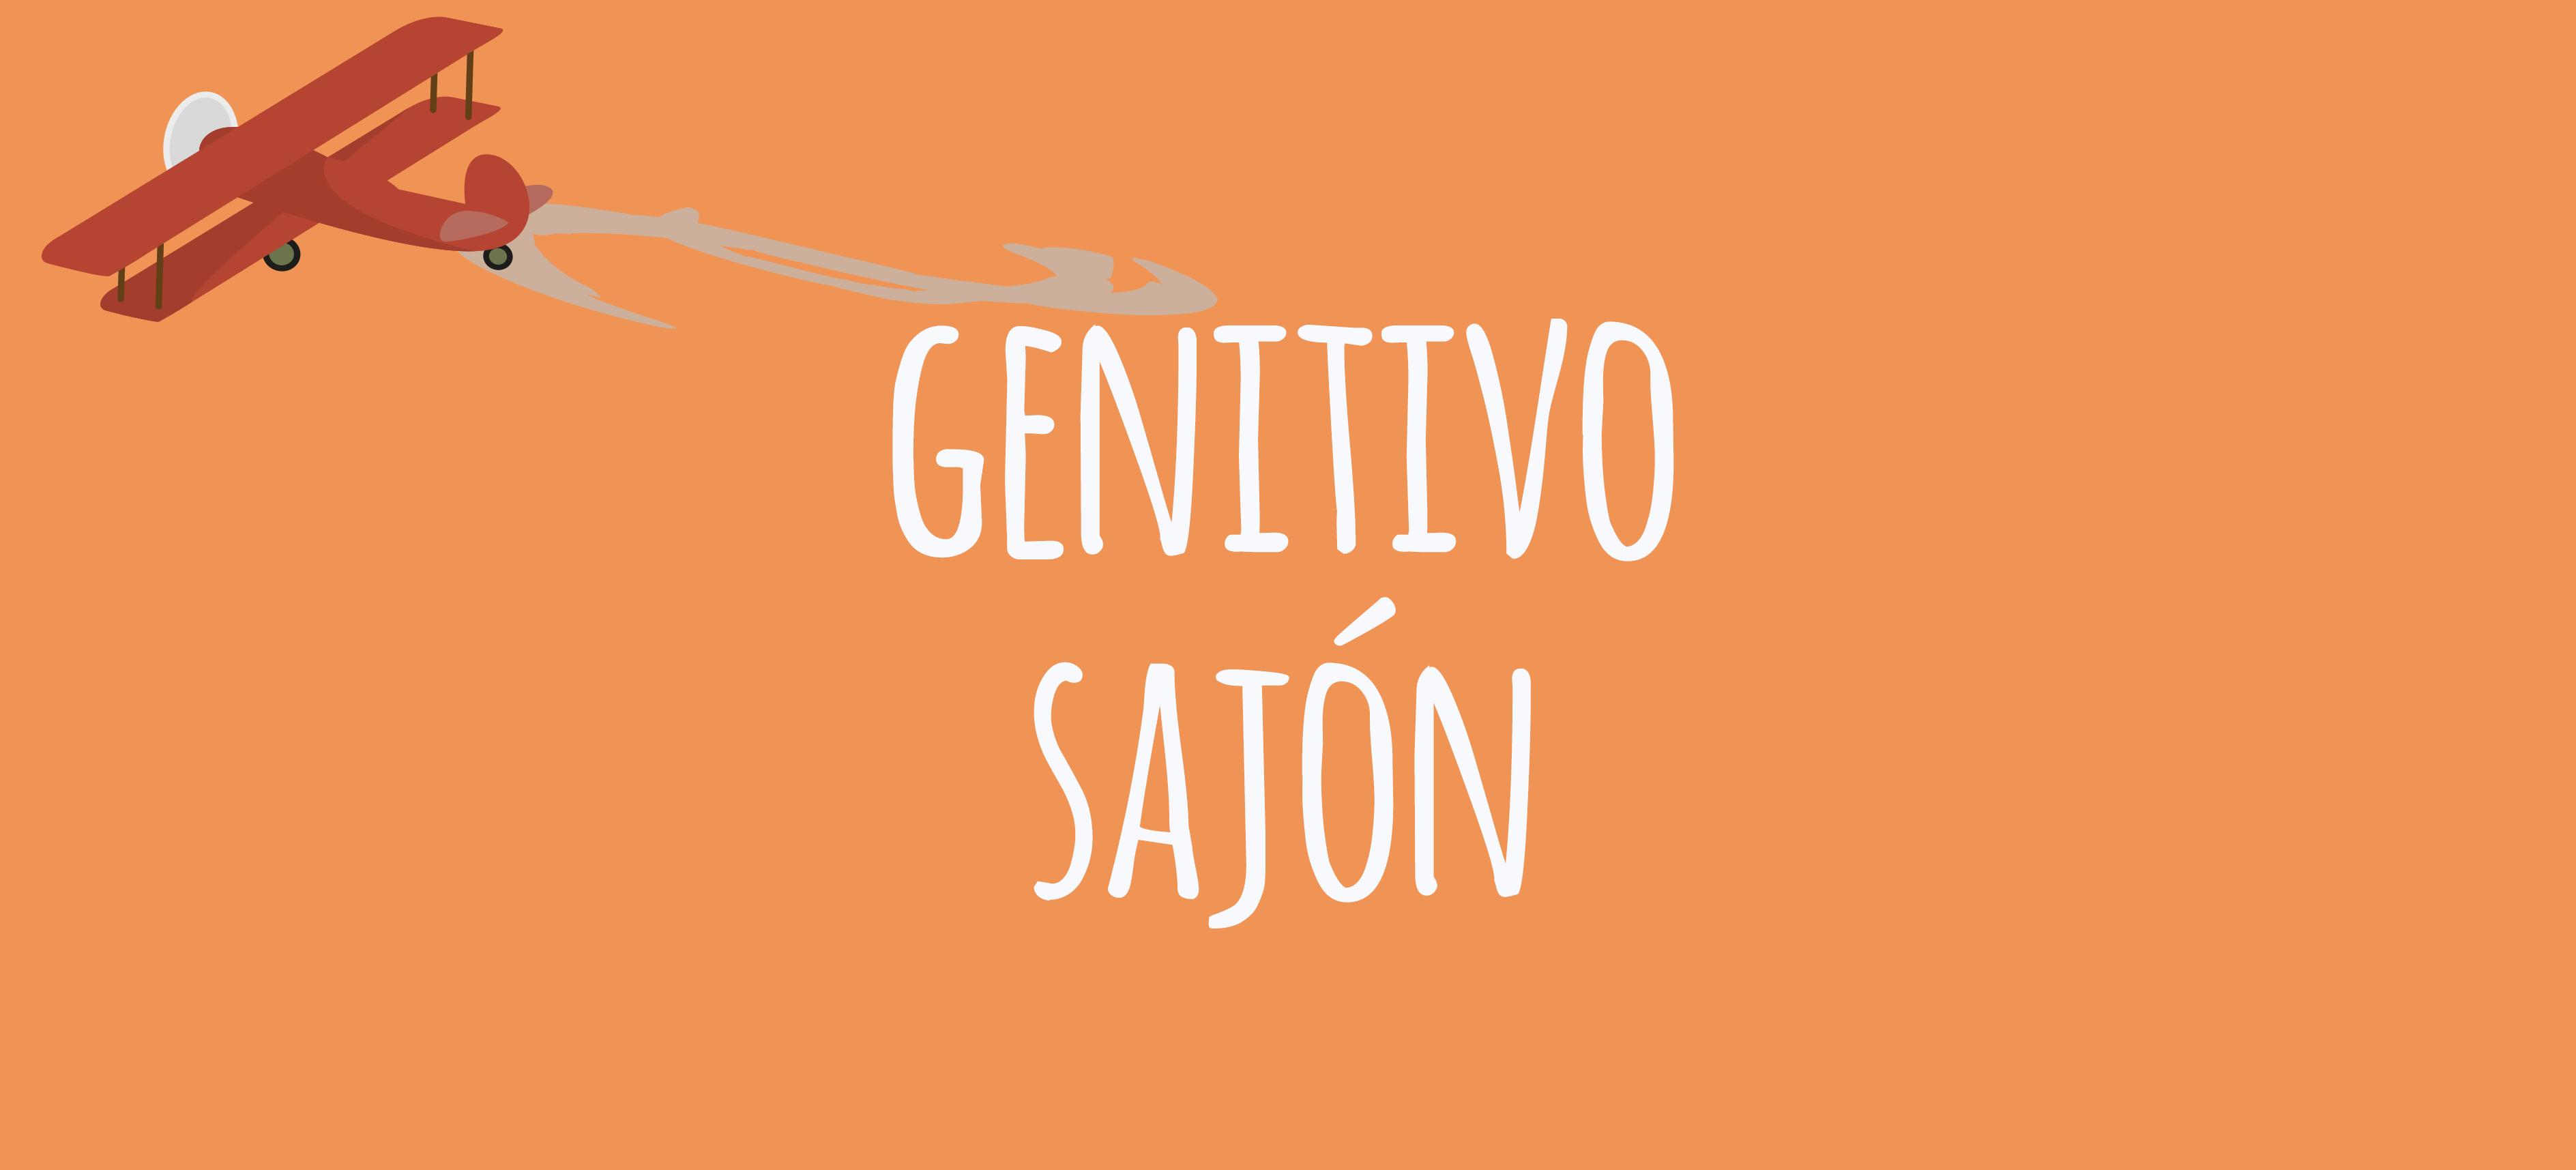 Aprende A Usar El Genitivo Sajón El Blog De Idiomas